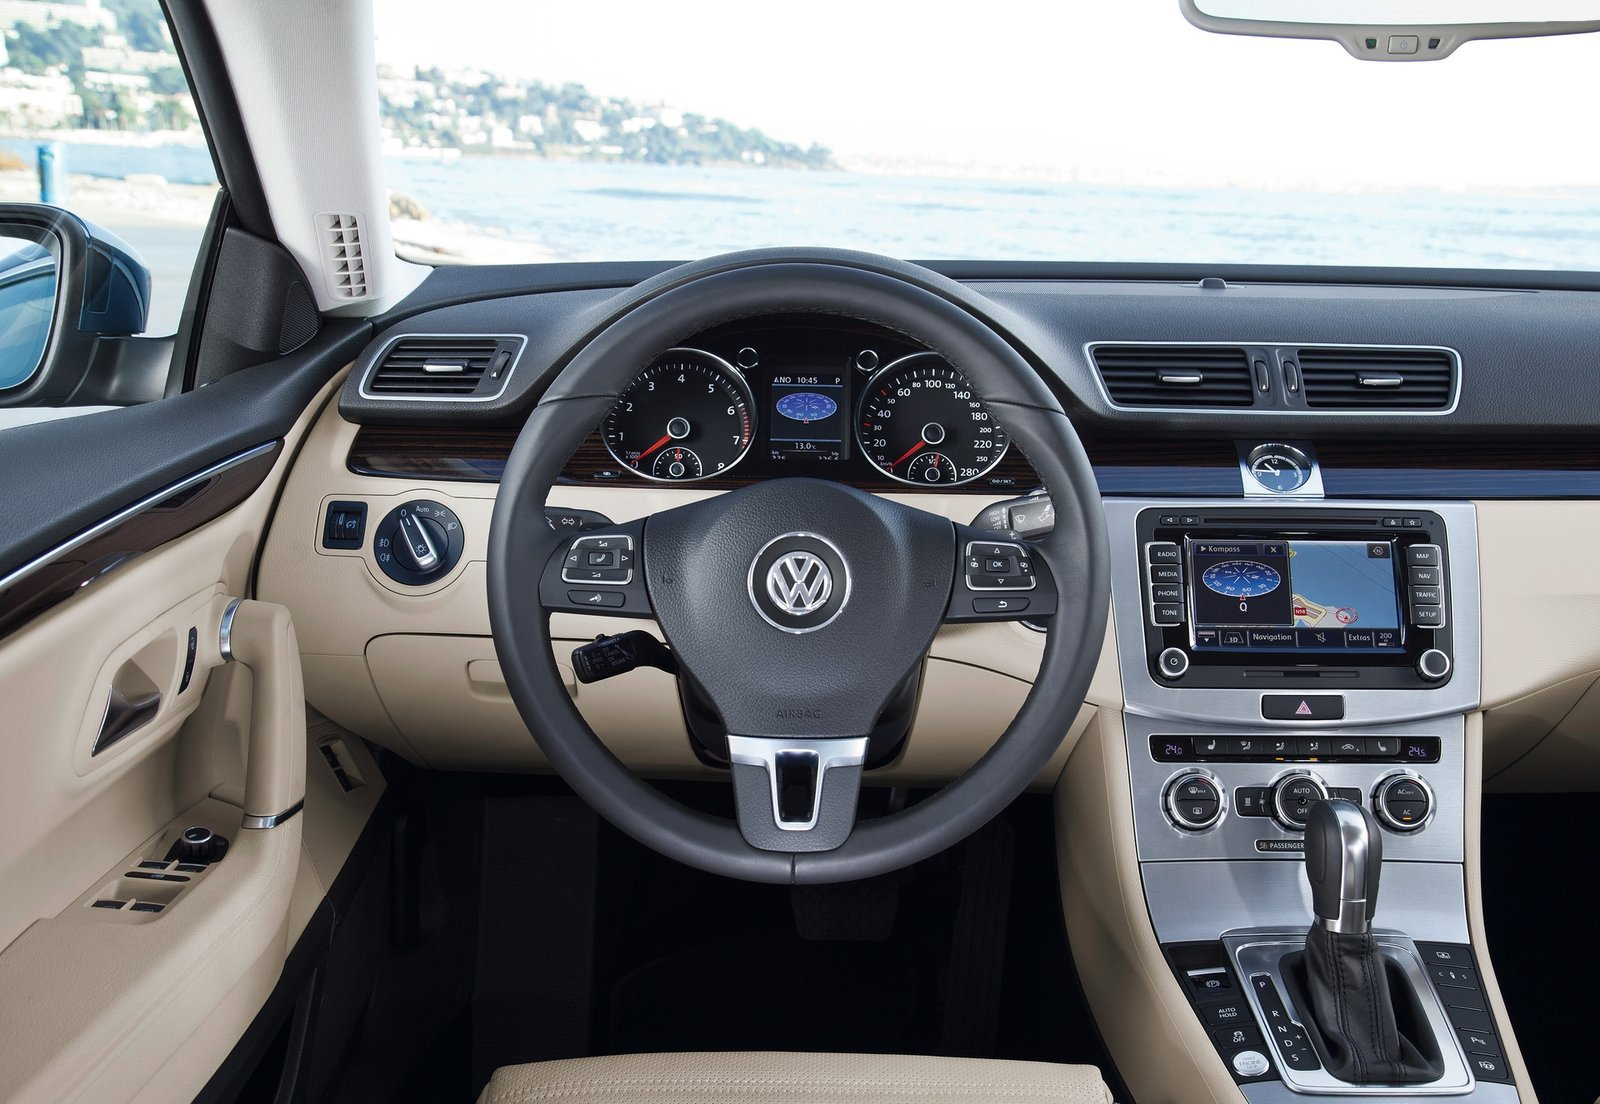 Intérieur - 2/8 - VW Passat CC (2013) - http://volkswagen.cars.free.fr/